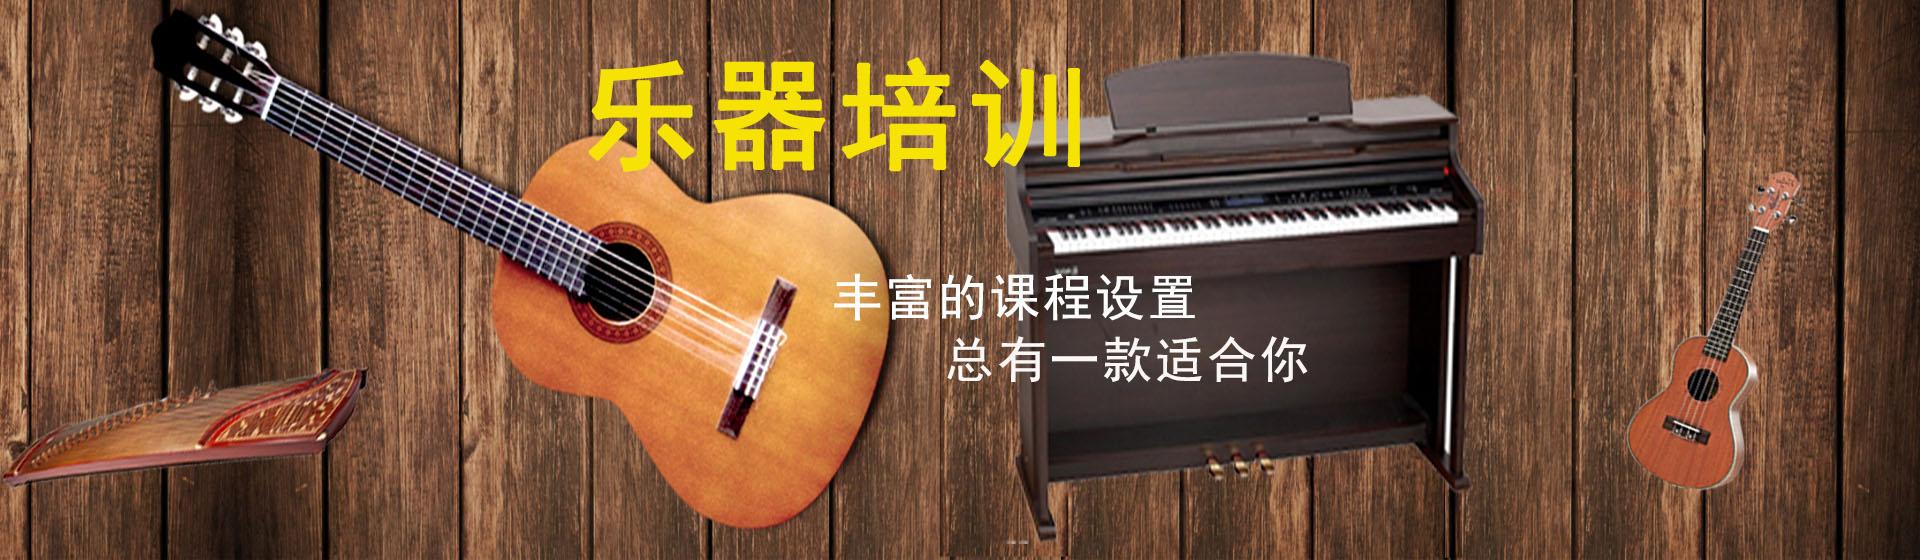 贵州音琴缘艺术培训中心【官网】